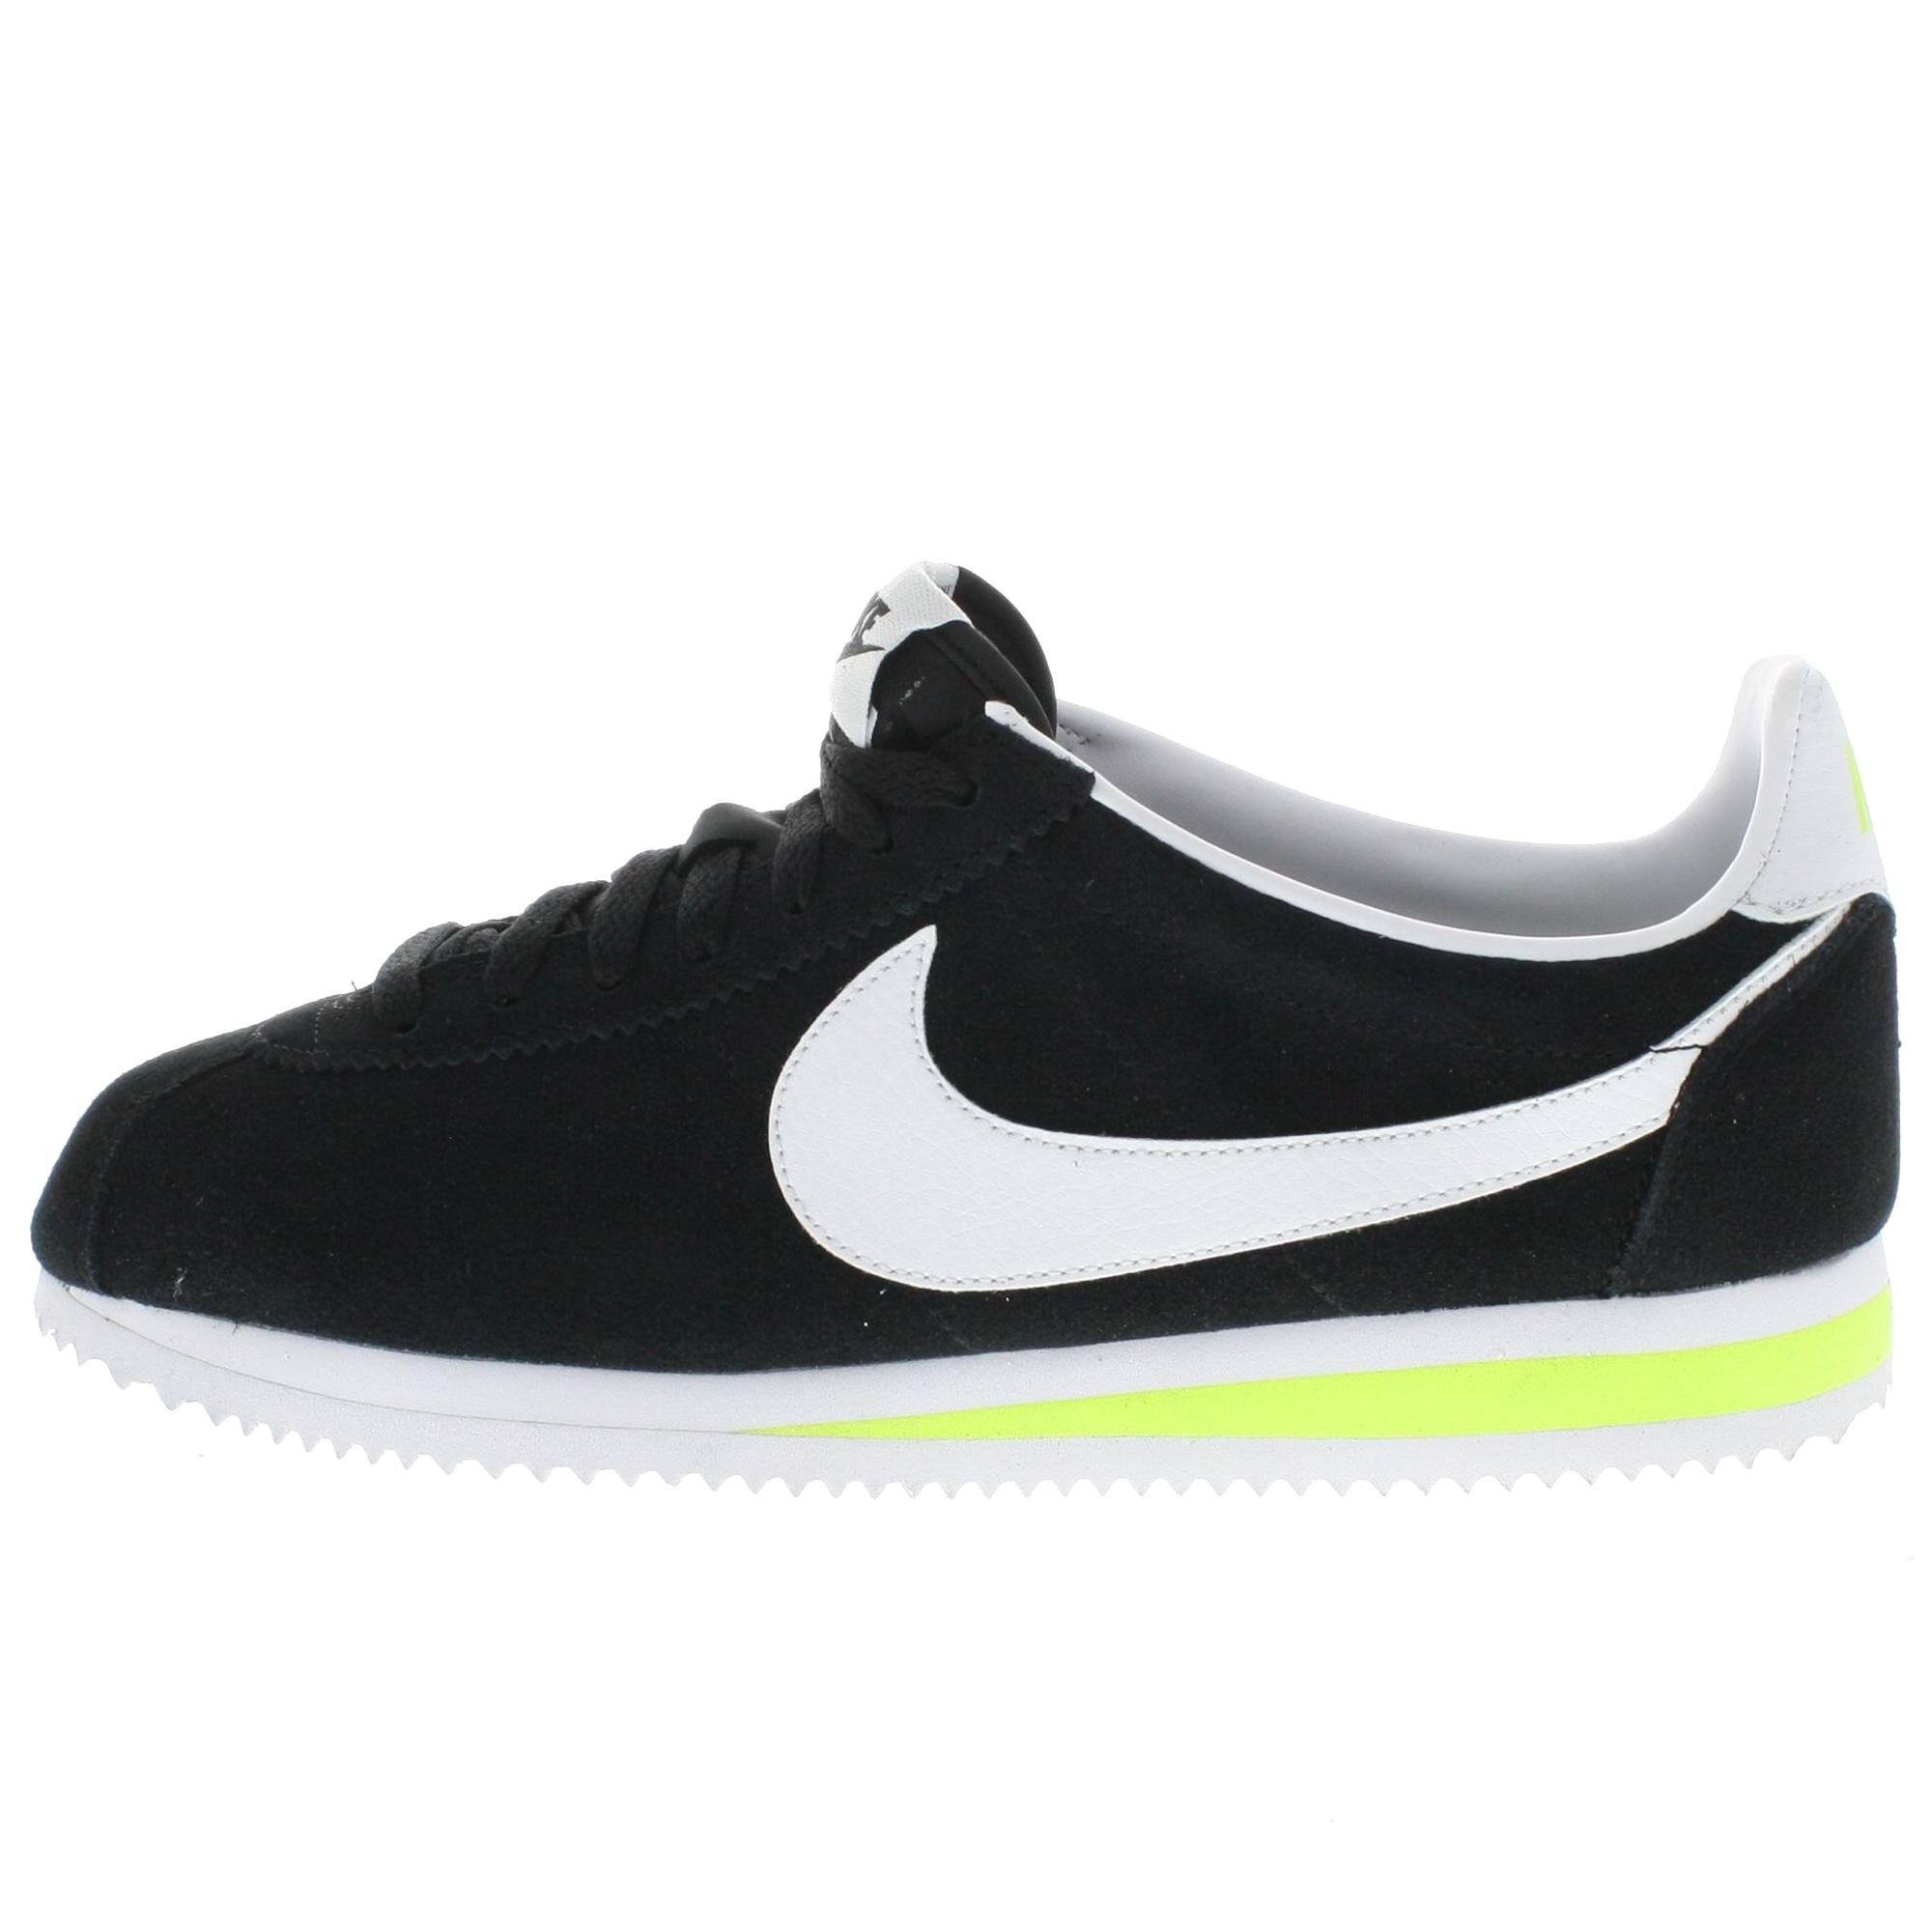 Nike Classic Cortez Leather Erkek Spor Ayakkabi 540998